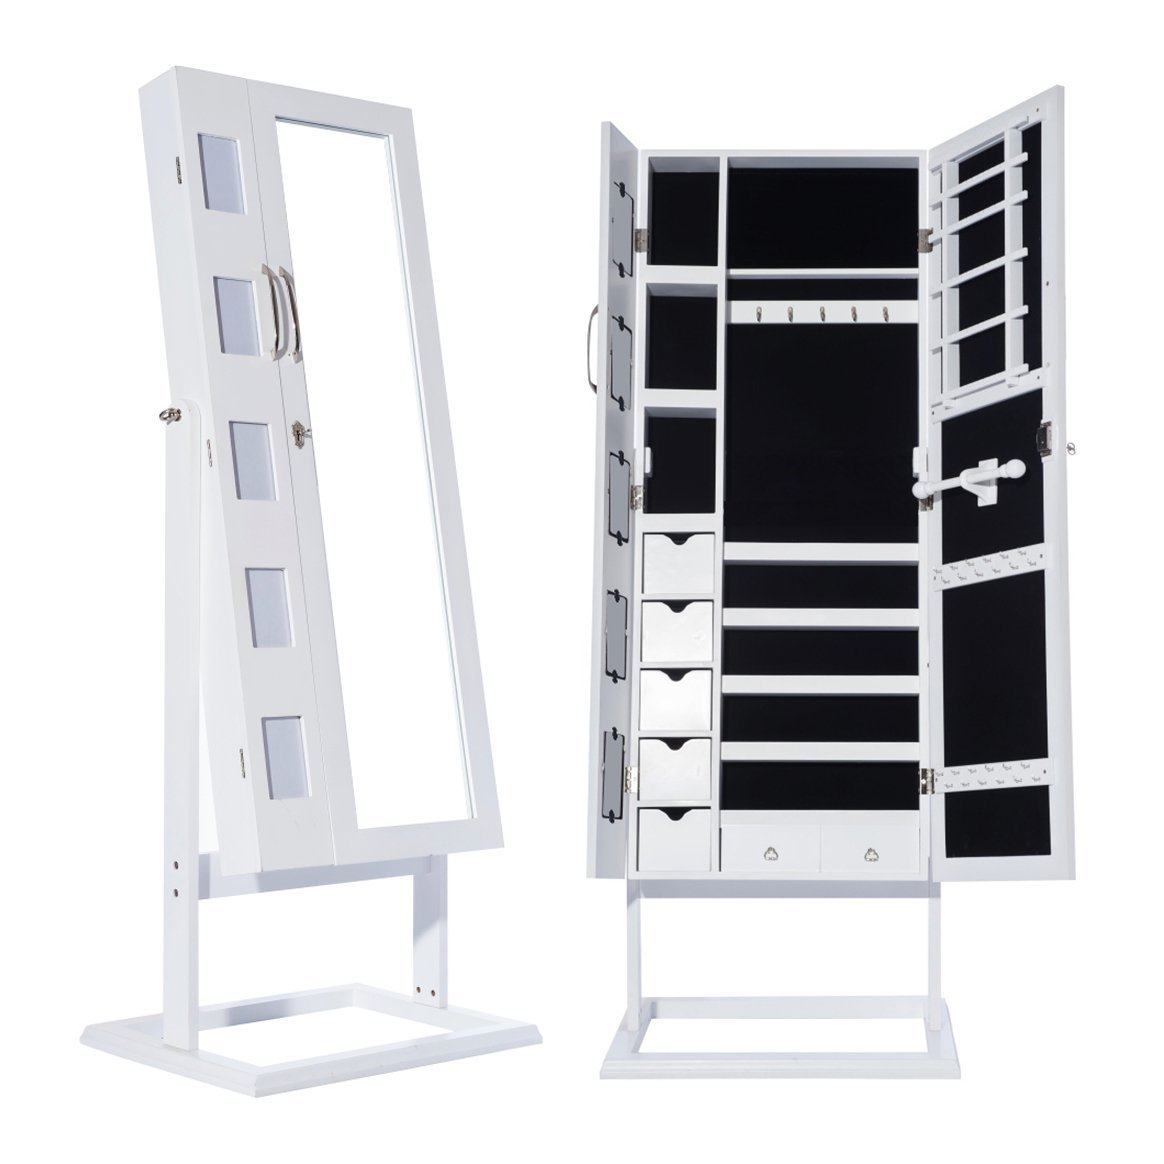 Topgoods 150 x 56 x 44 cm Abschließbar Weiß Spiegelschrank ...